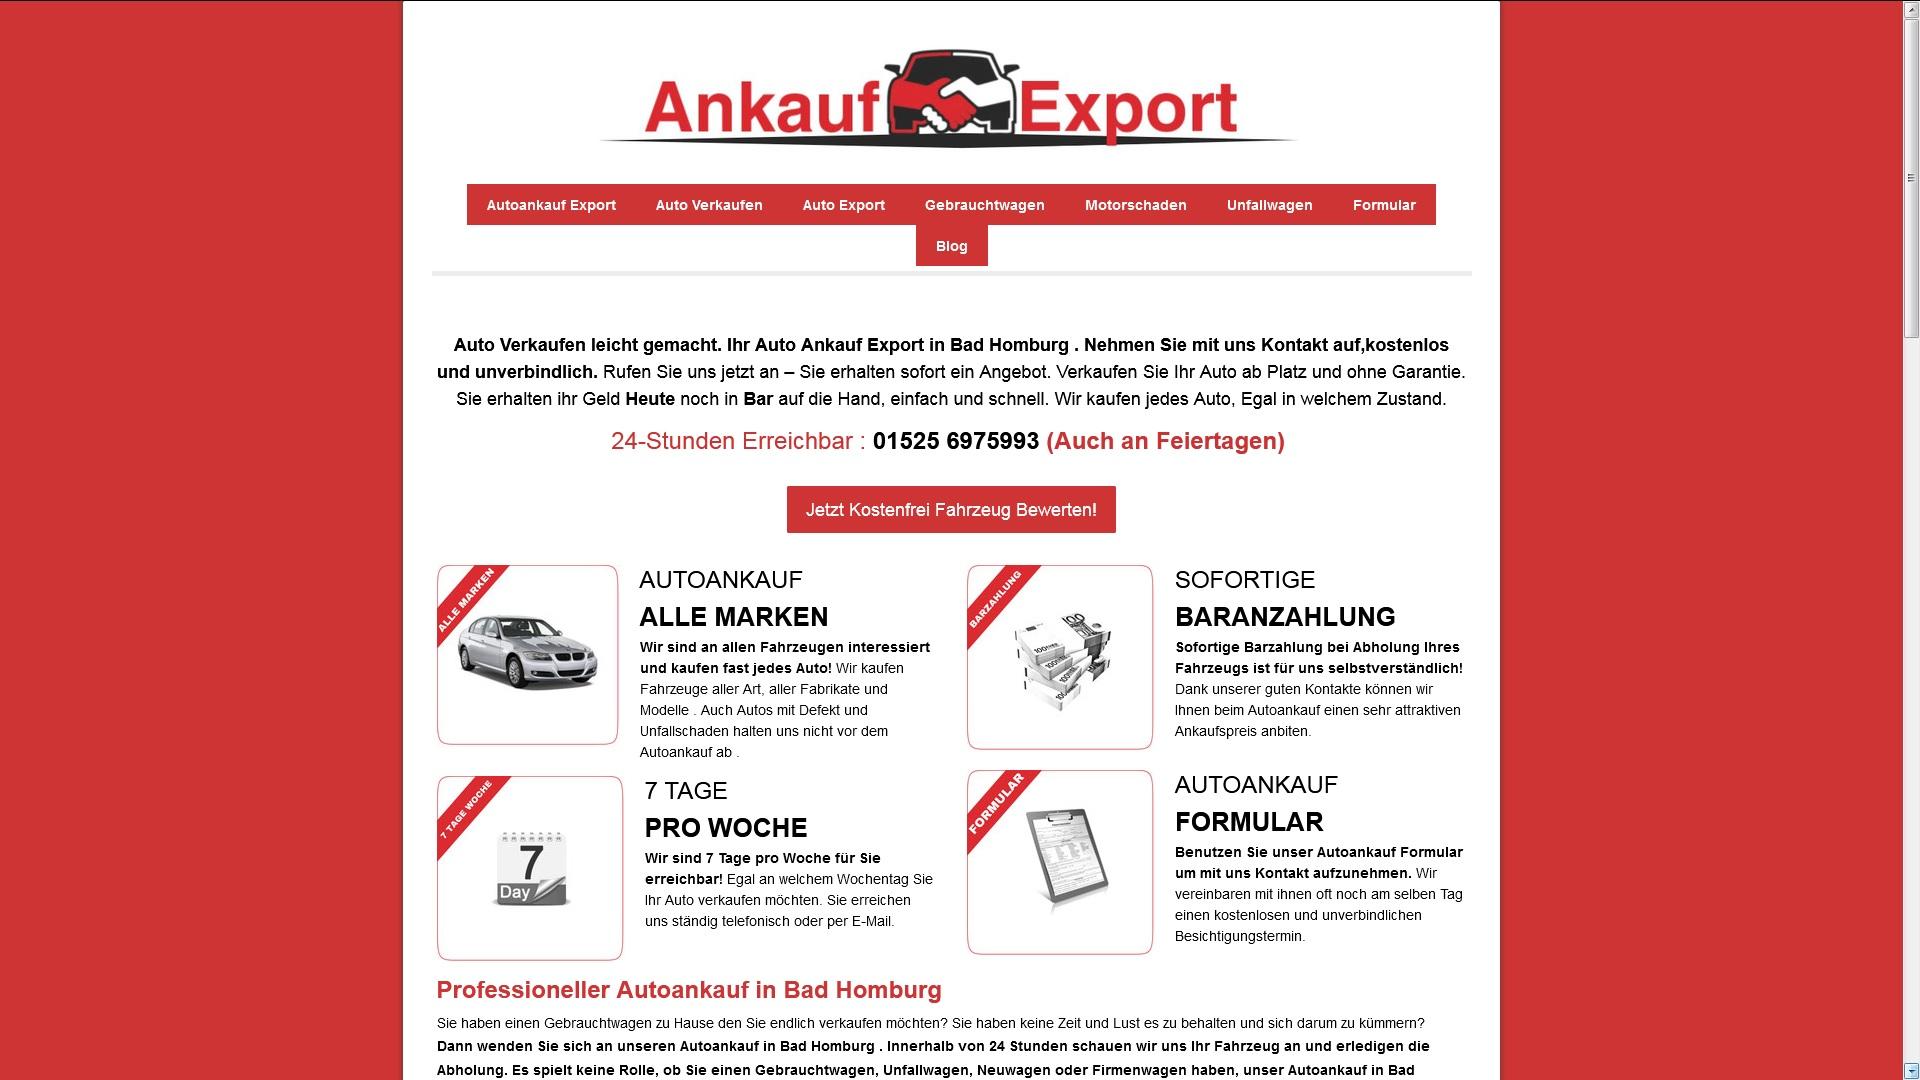 Autoanakuf Magdeburg